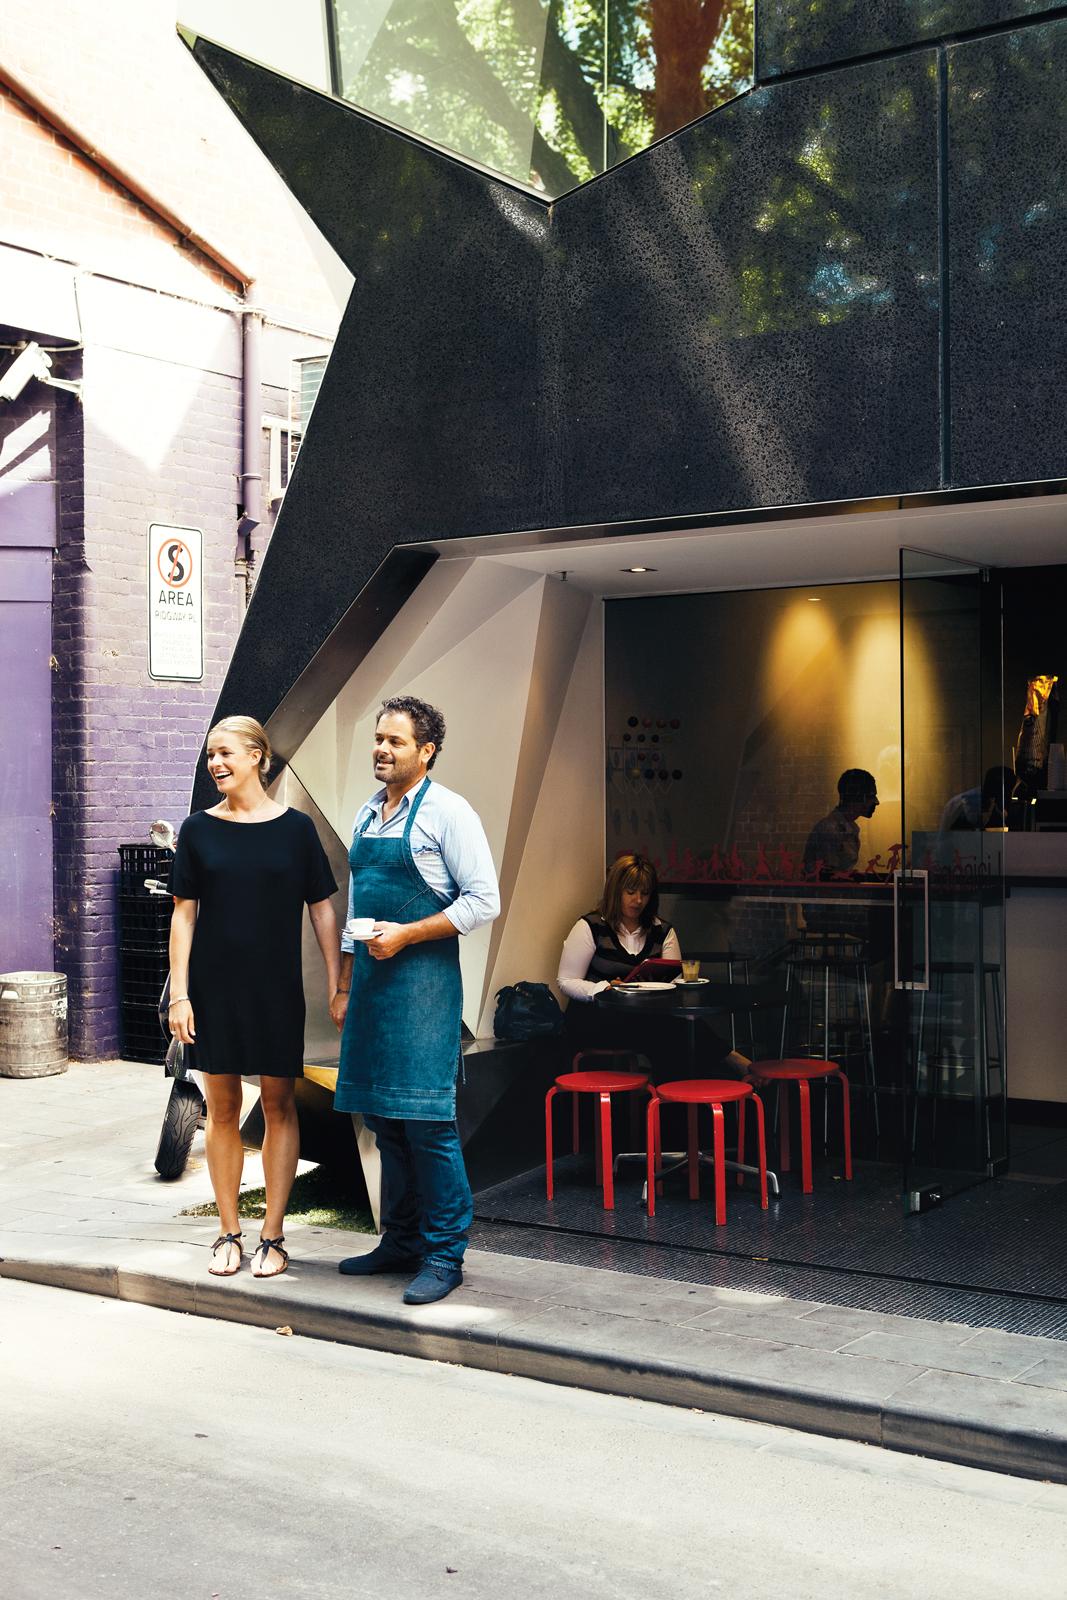 Liaison Café at tiny Ridgeway Place in Melbourne, Australia